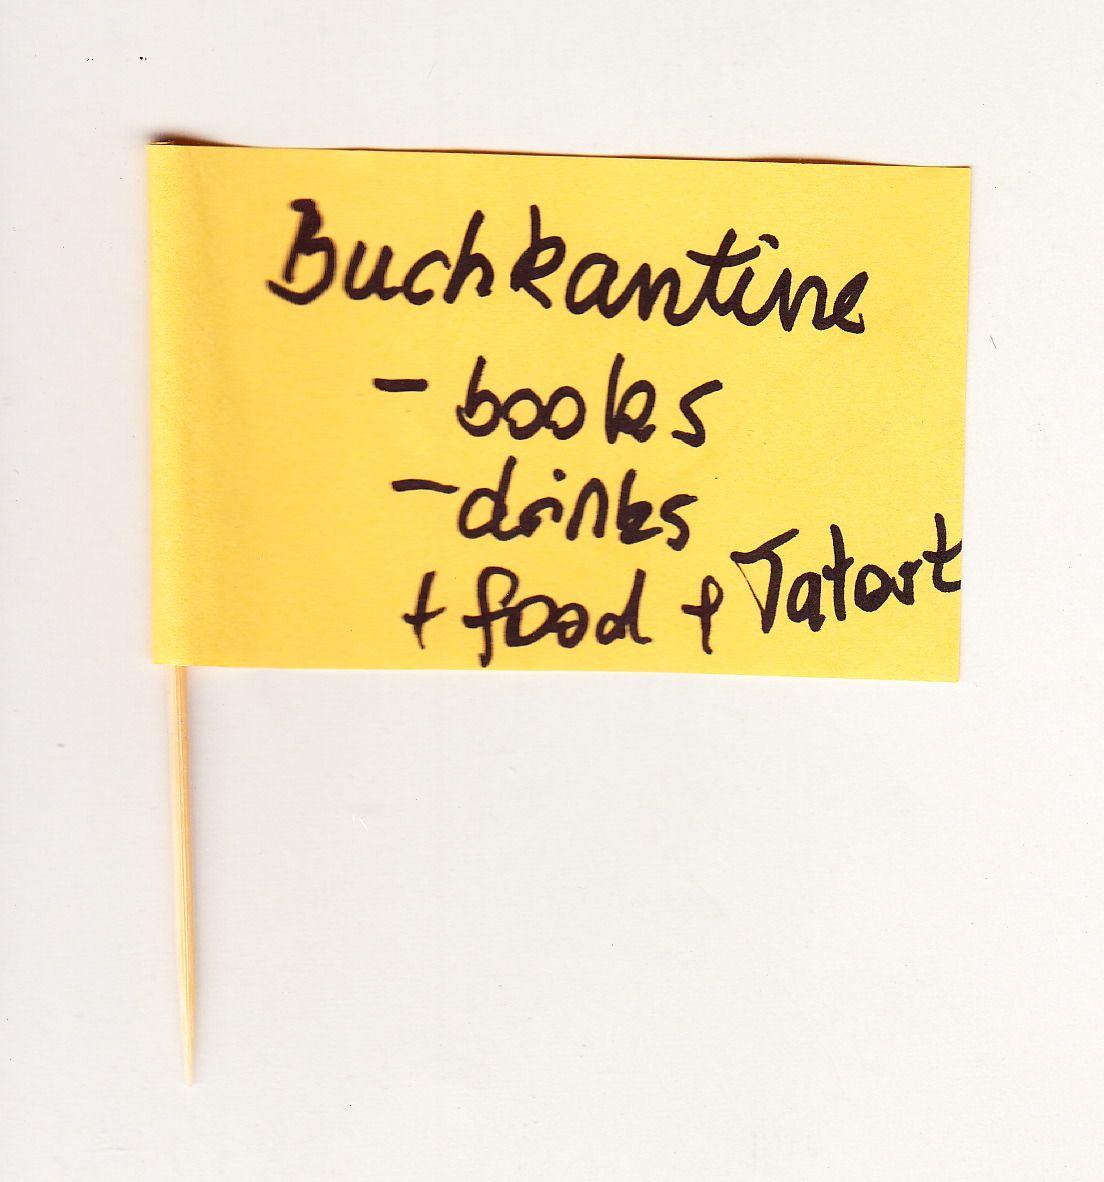 Buchkantine - books, drinks, food, Tatort